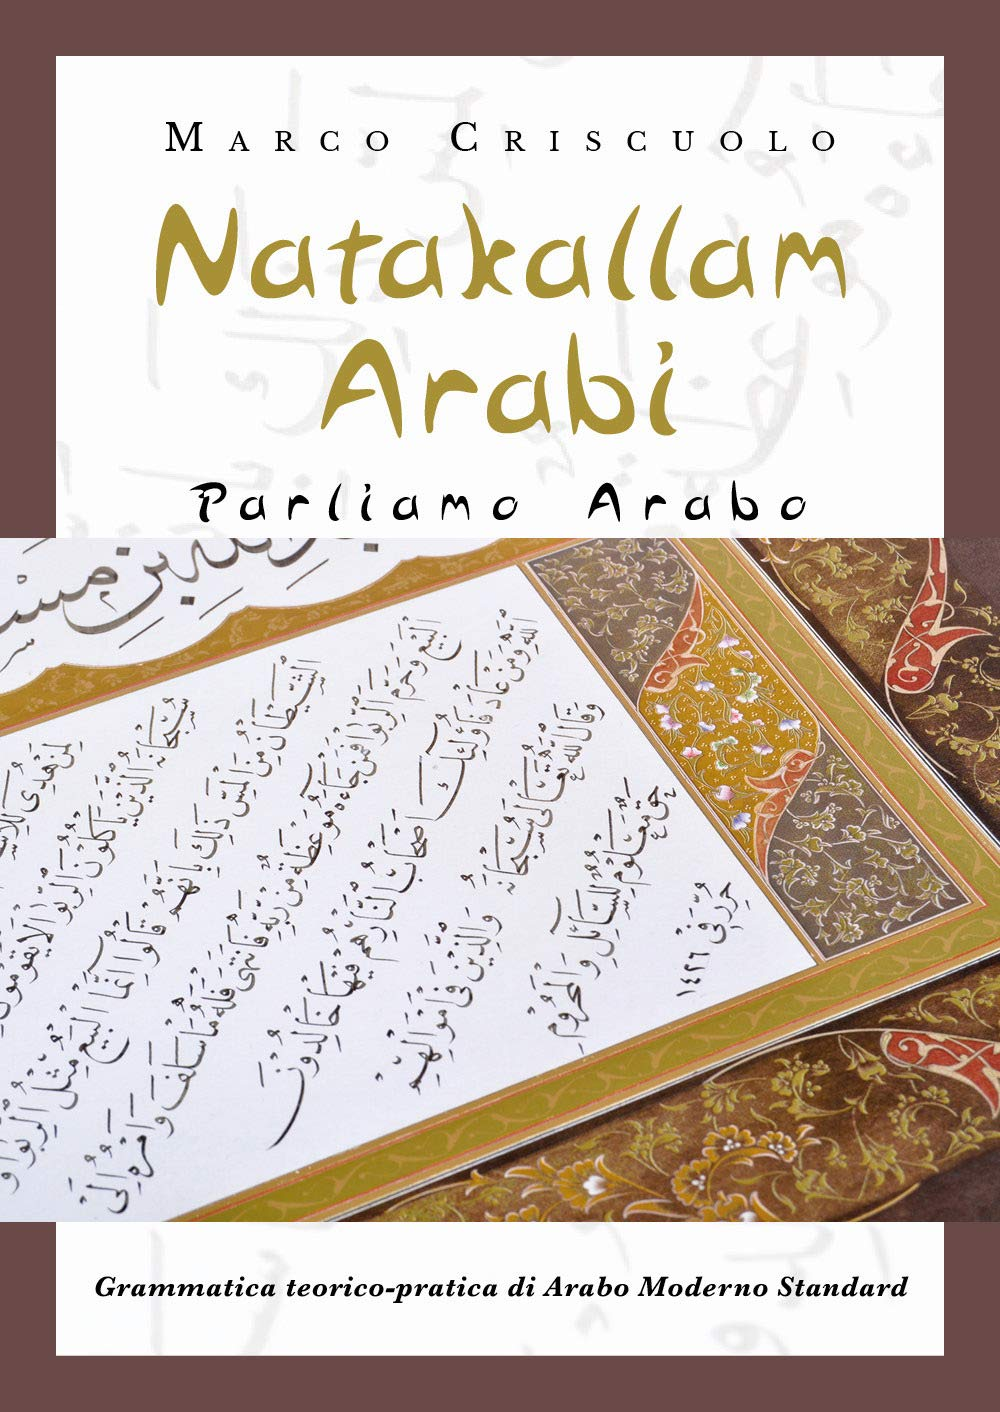 Nuova Grammatica araba: Natakallam 'Arabi – Parliamo Arabo di Marco Criscuolo